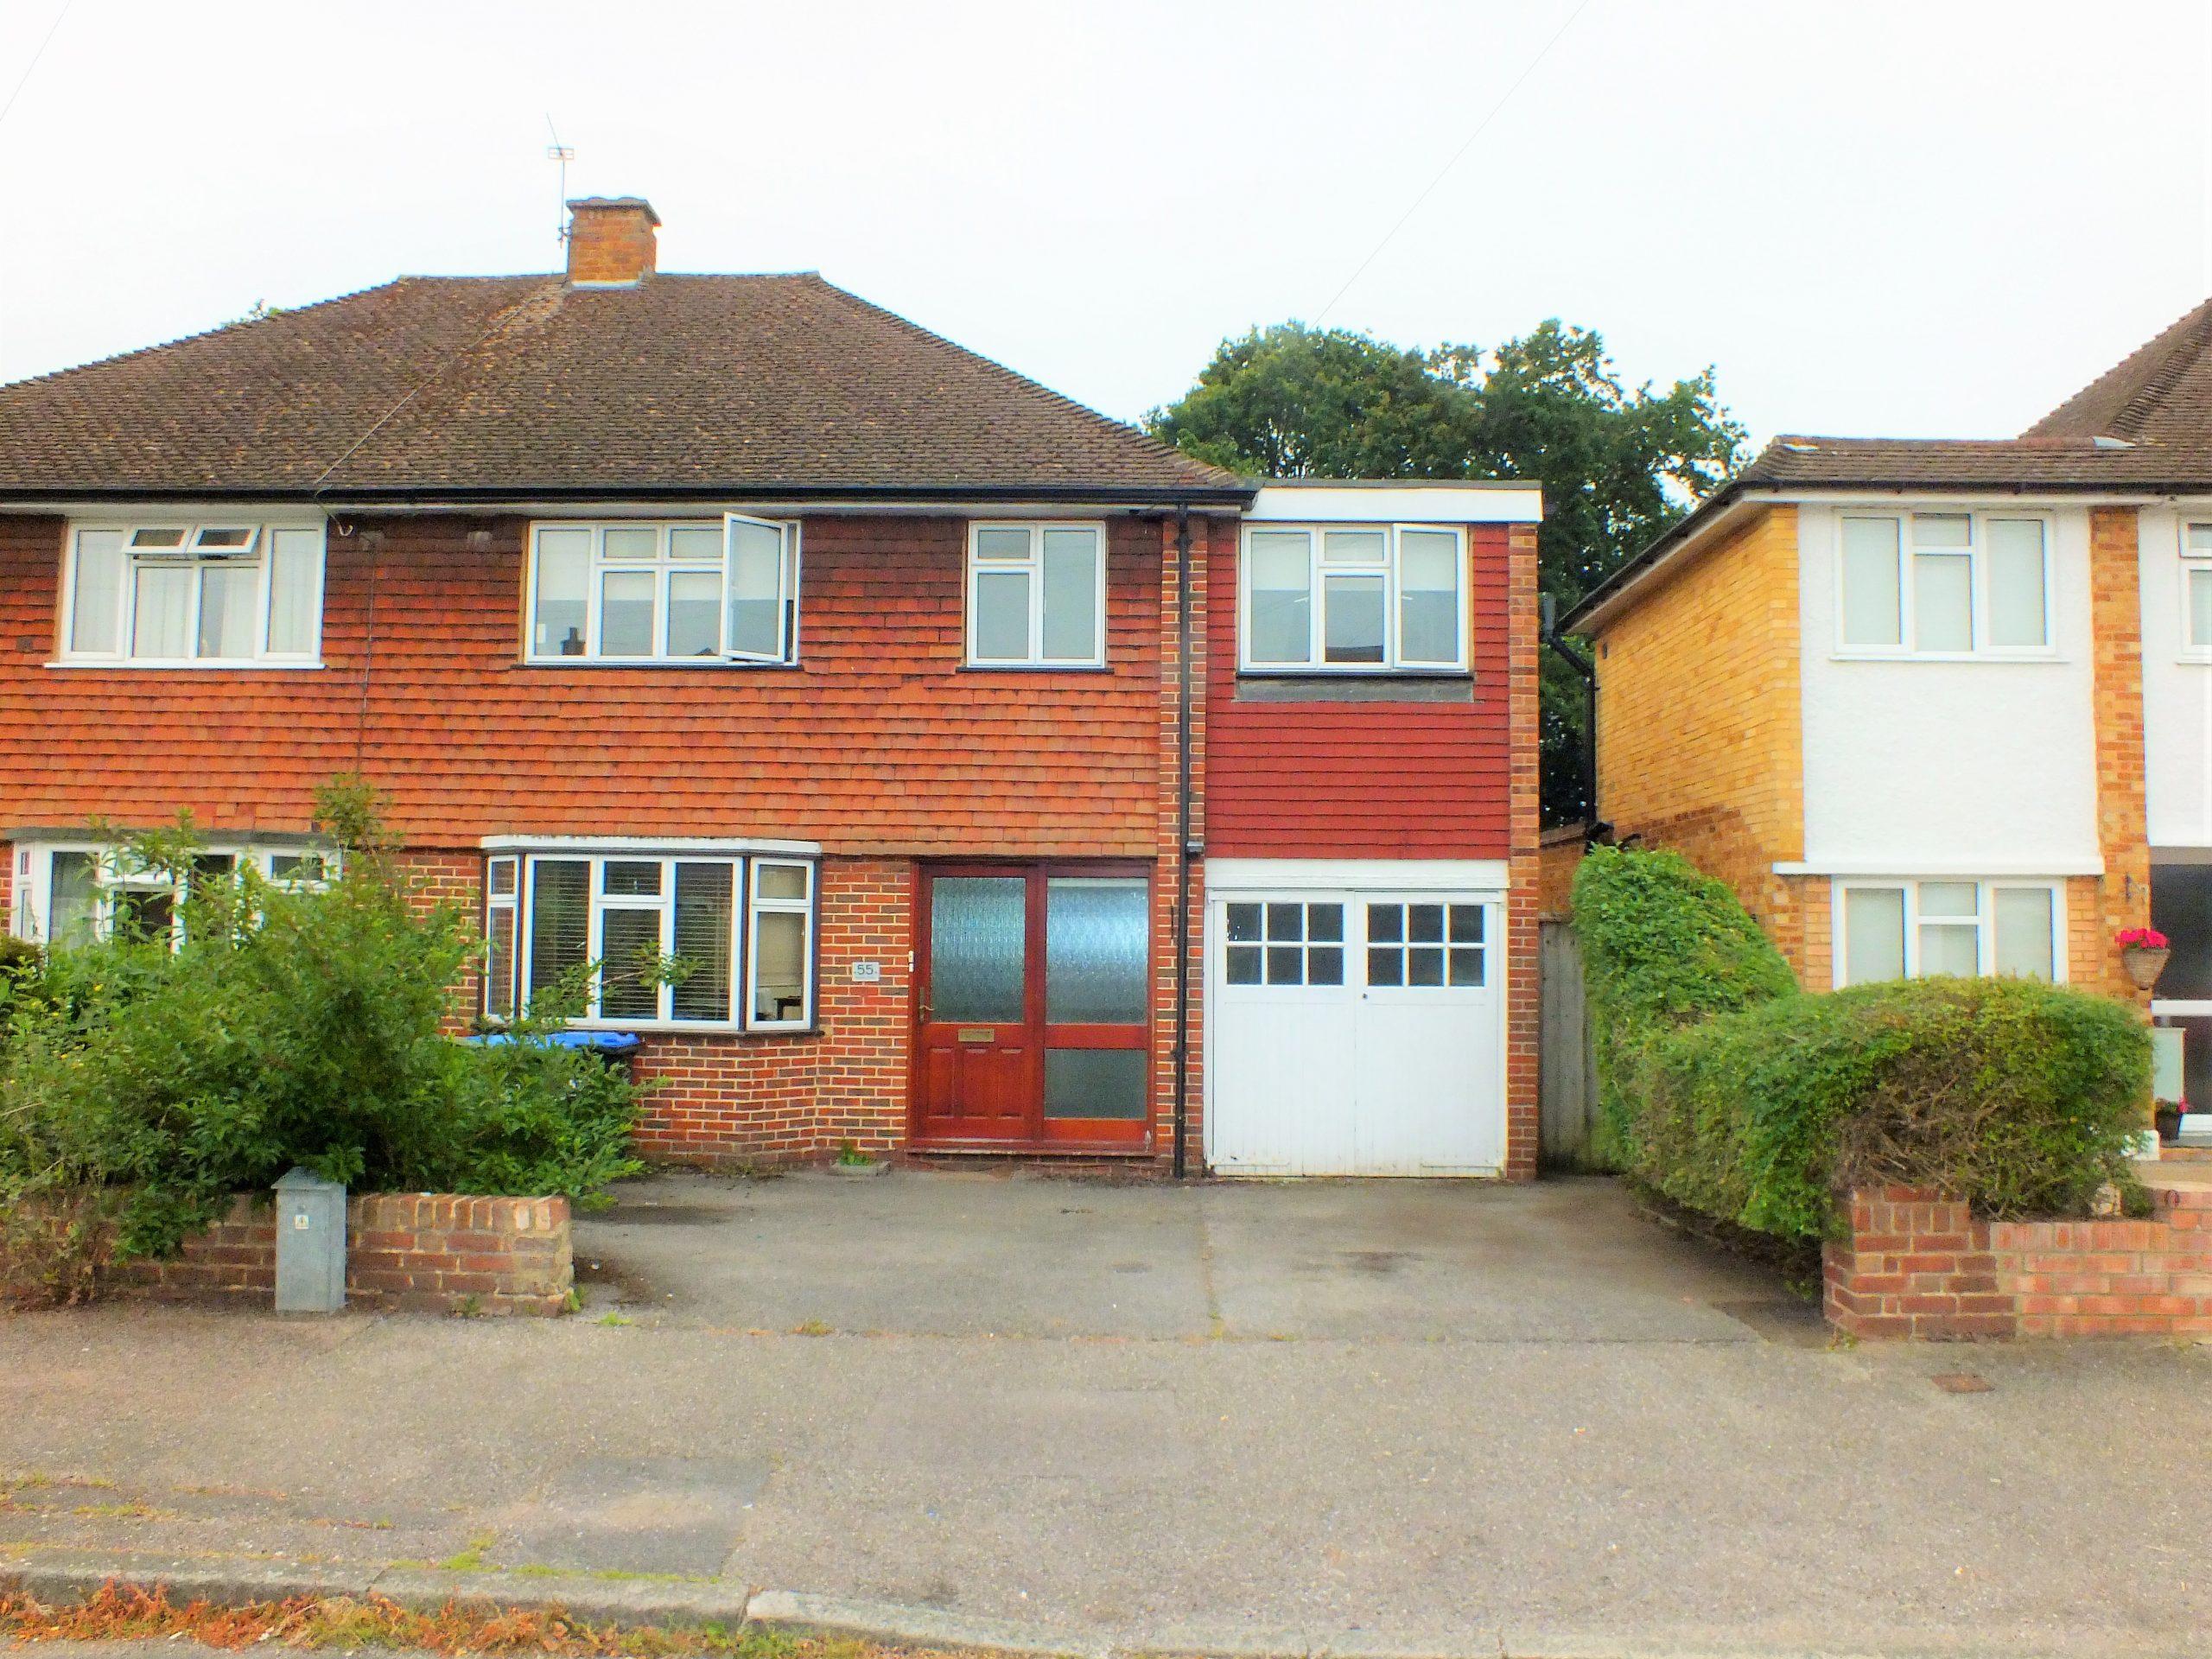 55 Wolsey Drive, Walton on Thames, Surrey, KT12 3BB